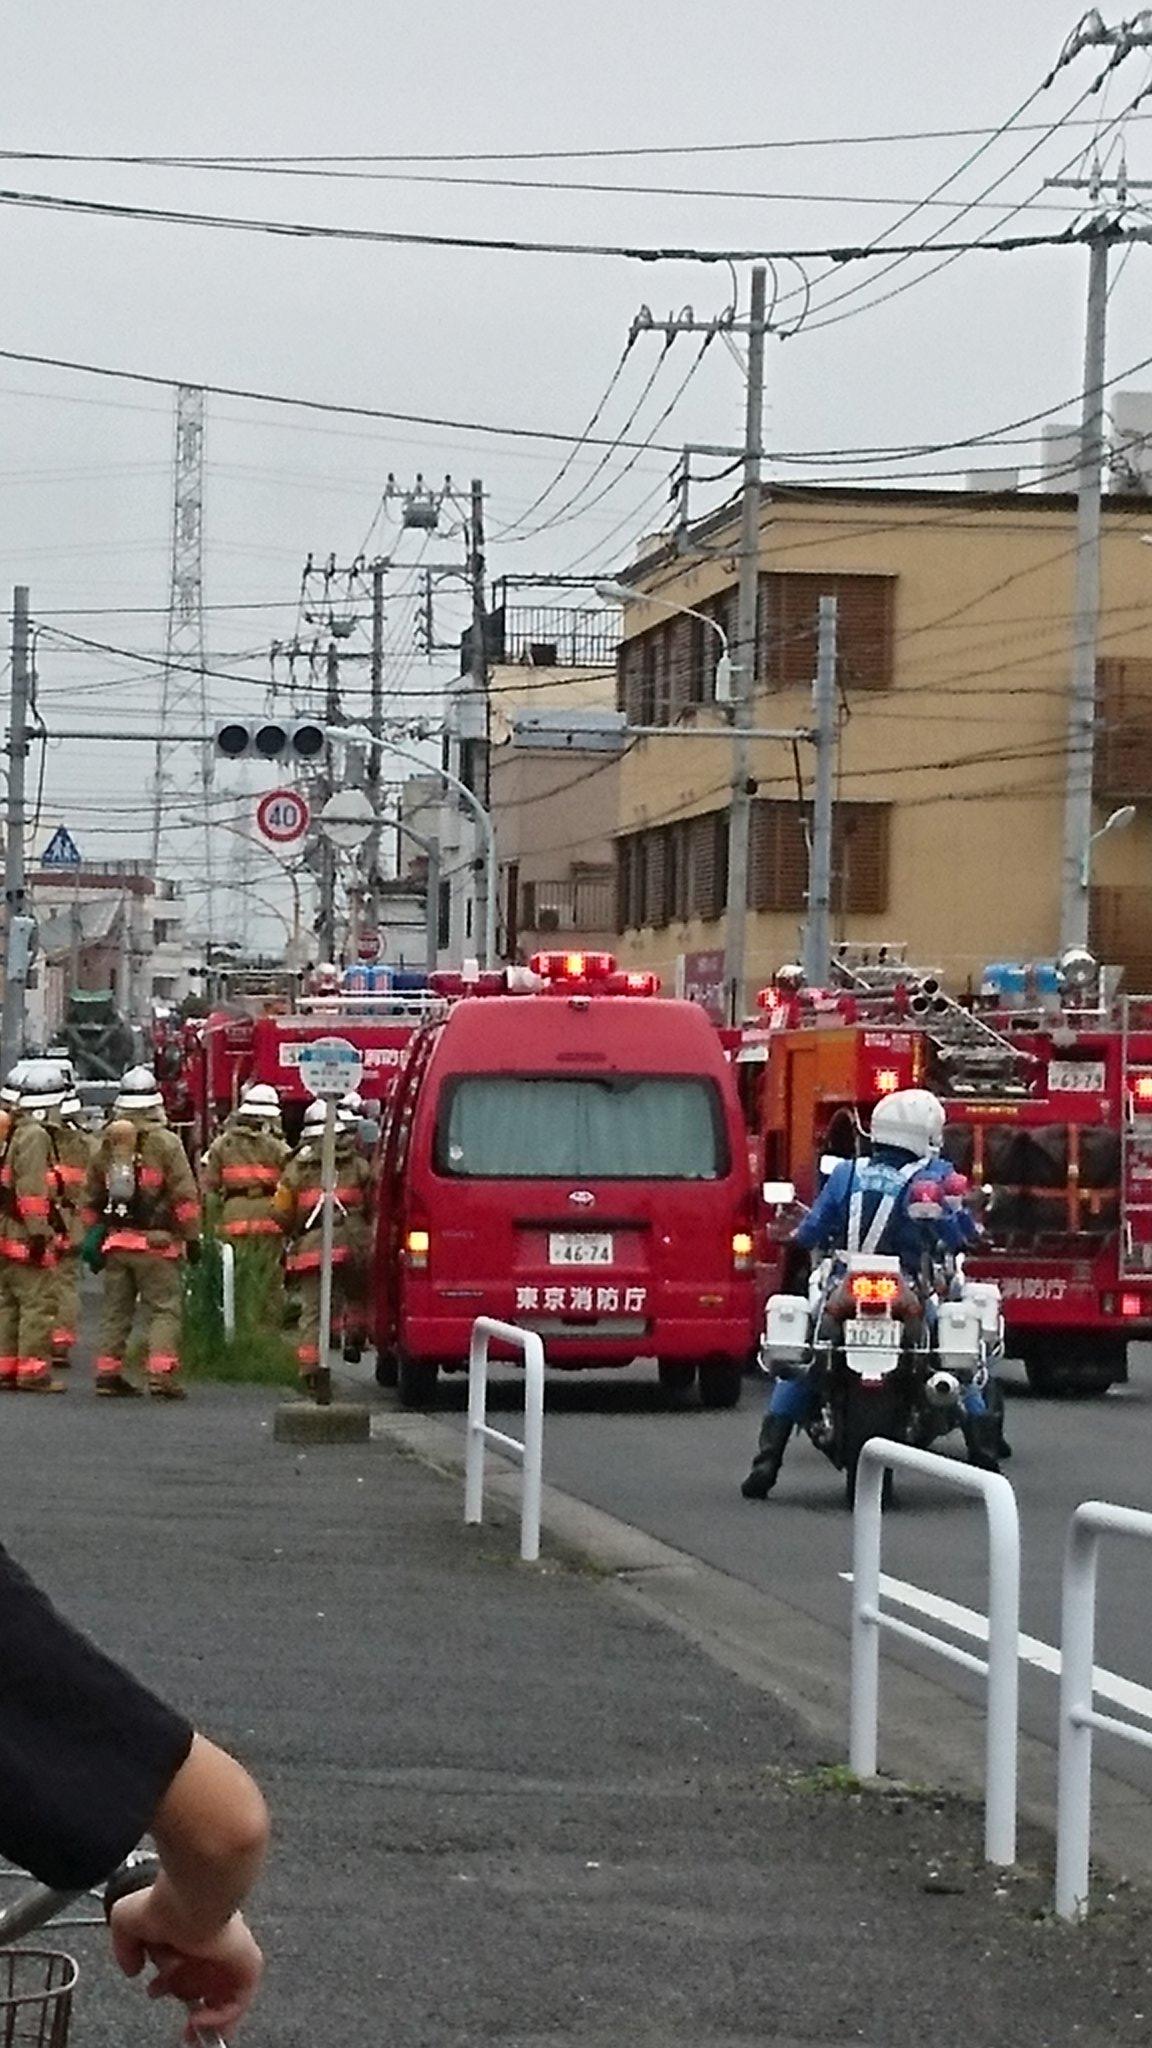 葛飾区奥戸と細田の爆発を伴う大規模停電で緊急車両が集まっている現場の画像